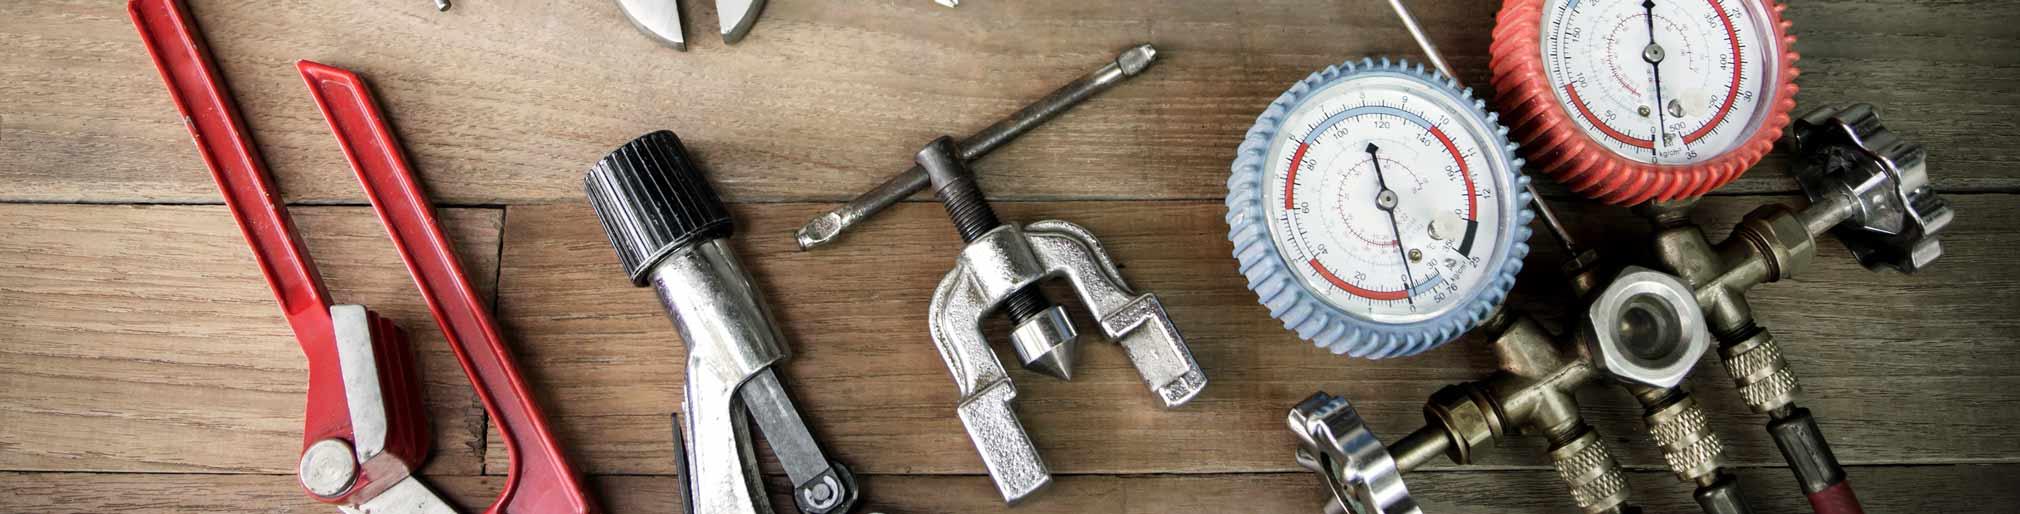 Fix Water in Air Compressor